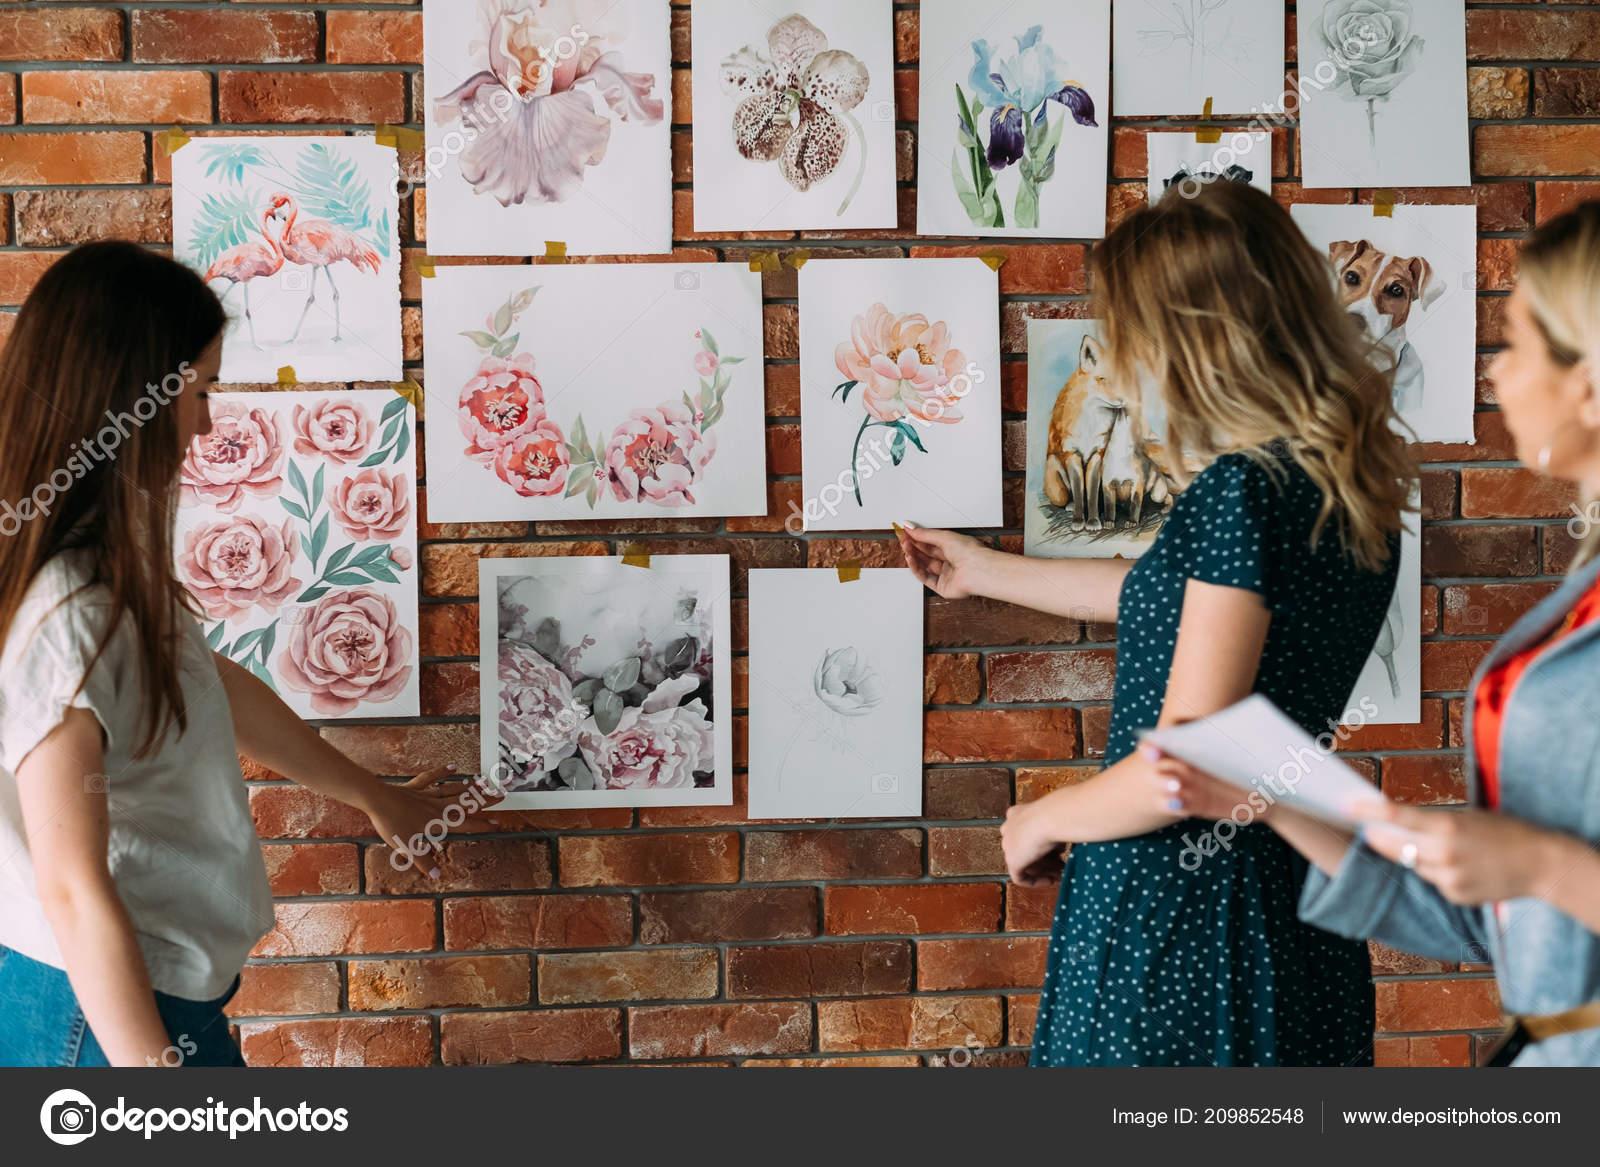 Malirske Kurzy Kresby Workshop Vyzdoba Kresba Stock Fotografie